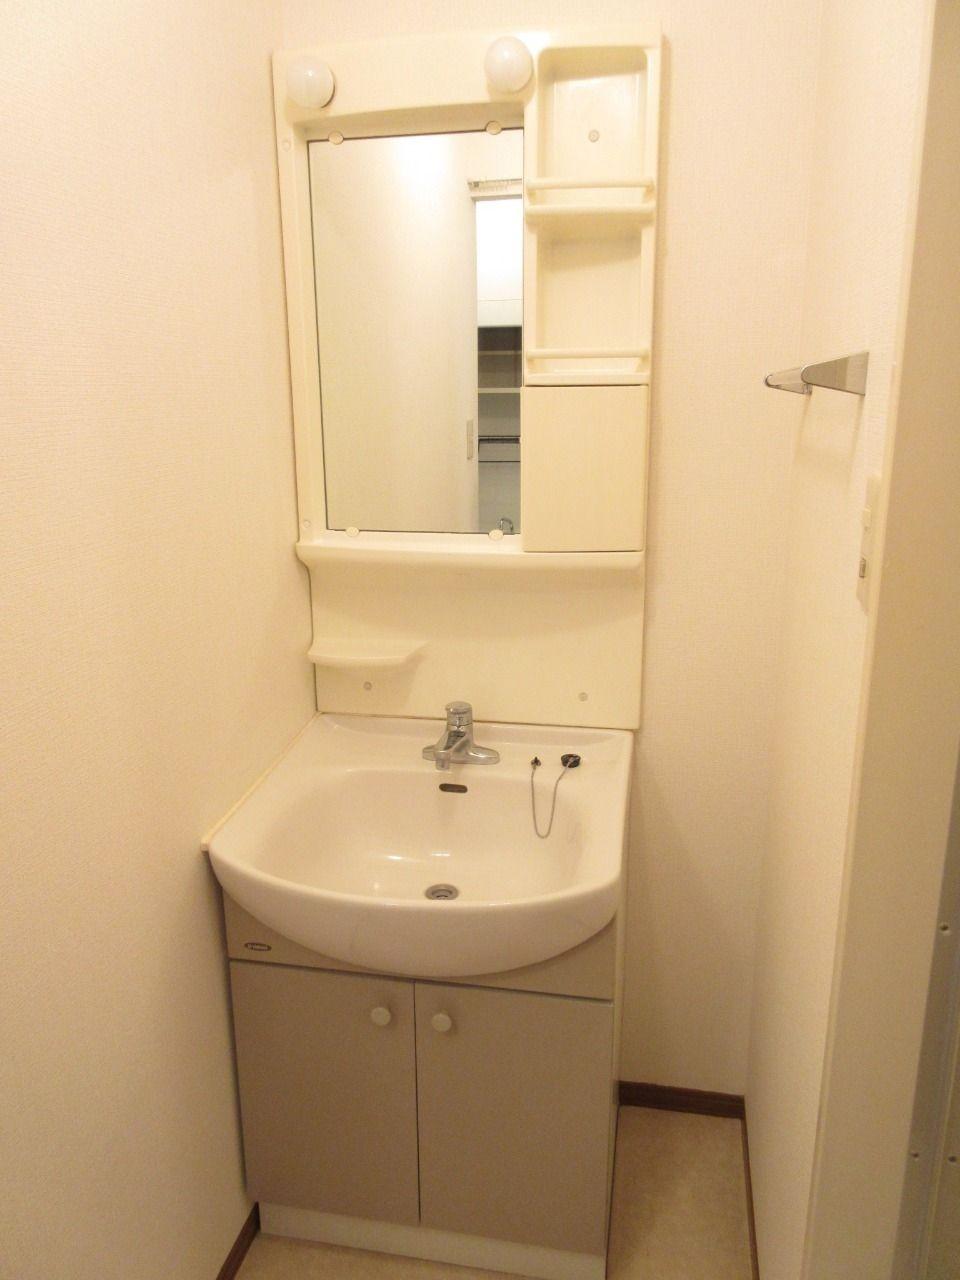 収納付鏡を設えた、意匠性高い洗面化粧台。